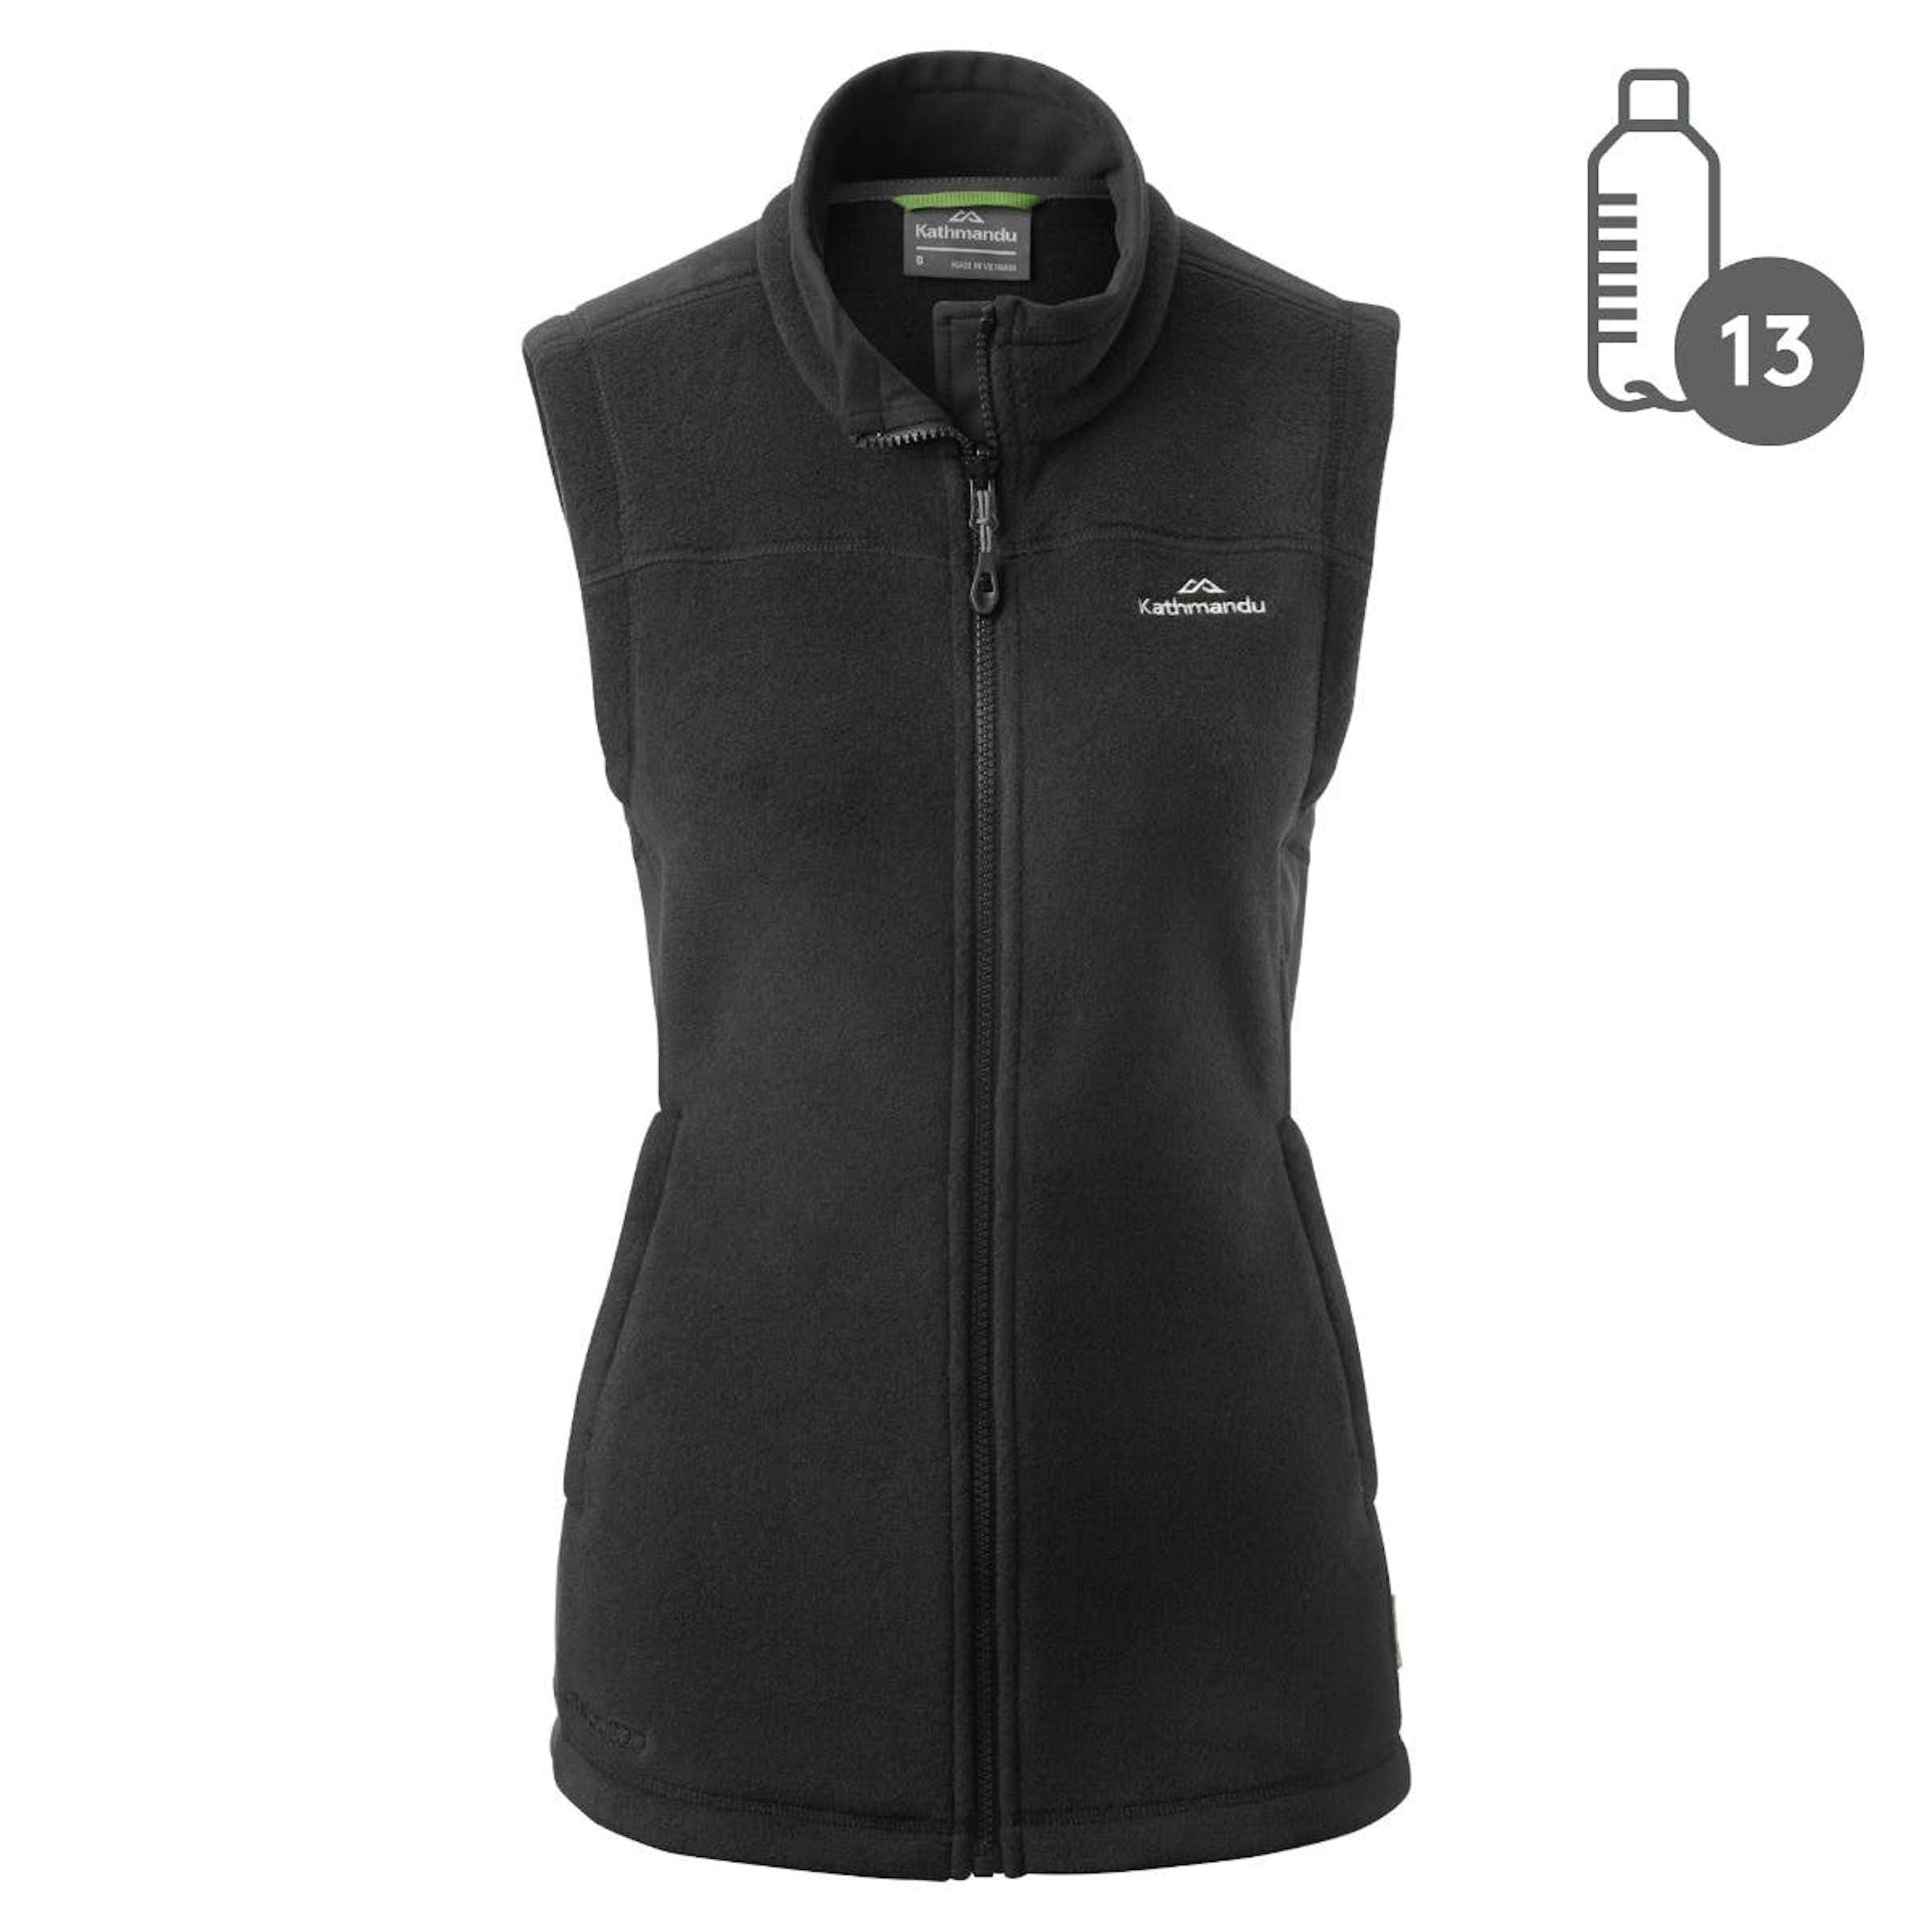 184398eeca450a Womens Jackets & Coats | Winter Coats for Women | Kathmandu NZ